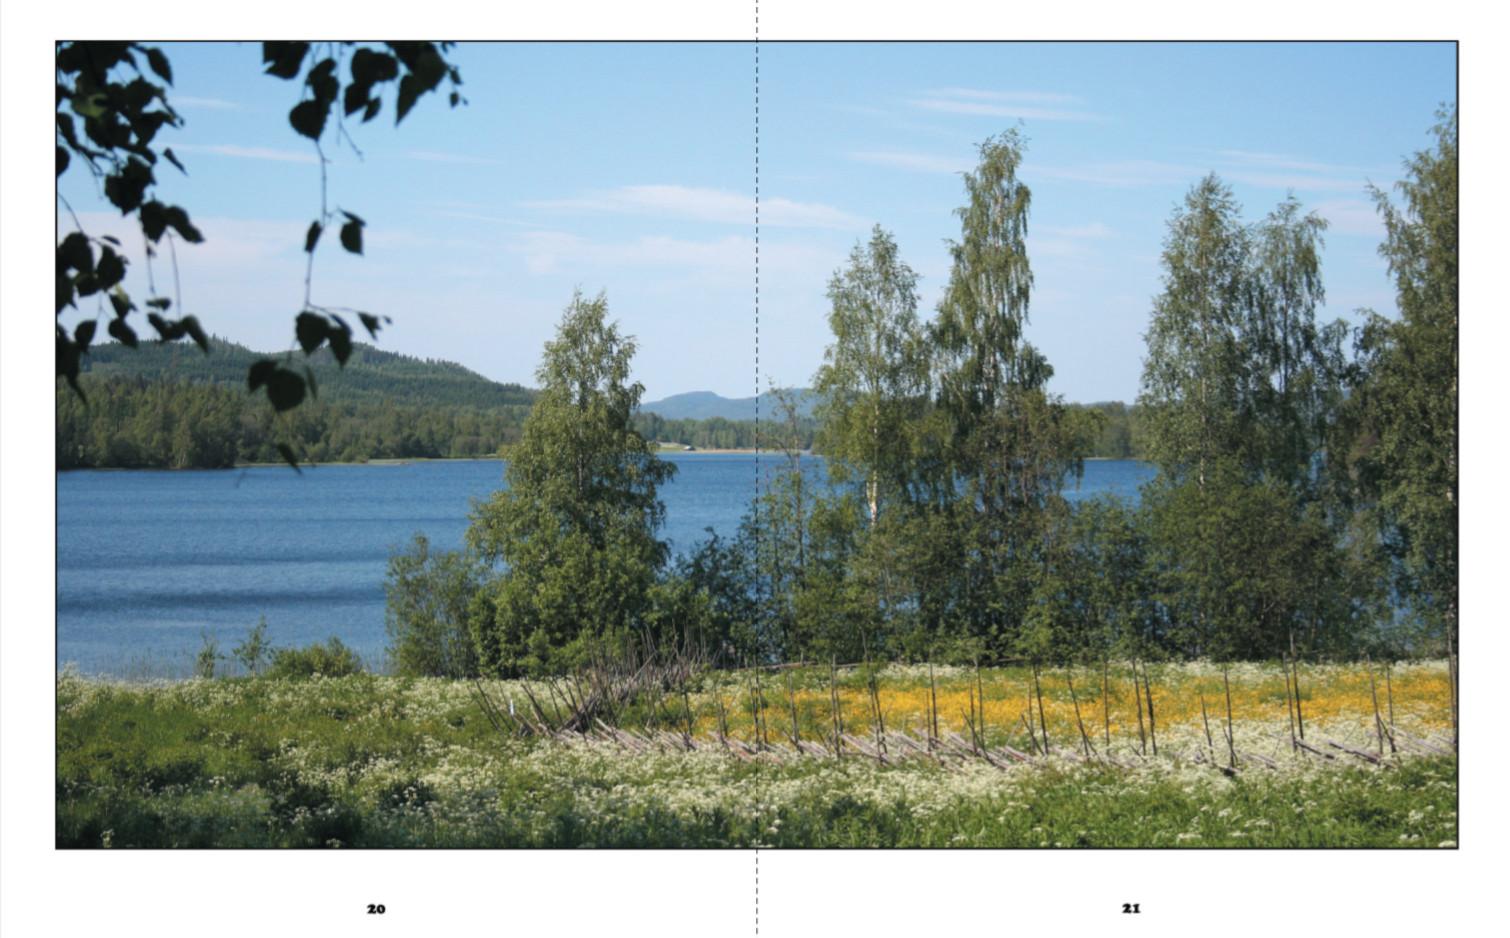 Pohjoi-Karjala Herajärvi